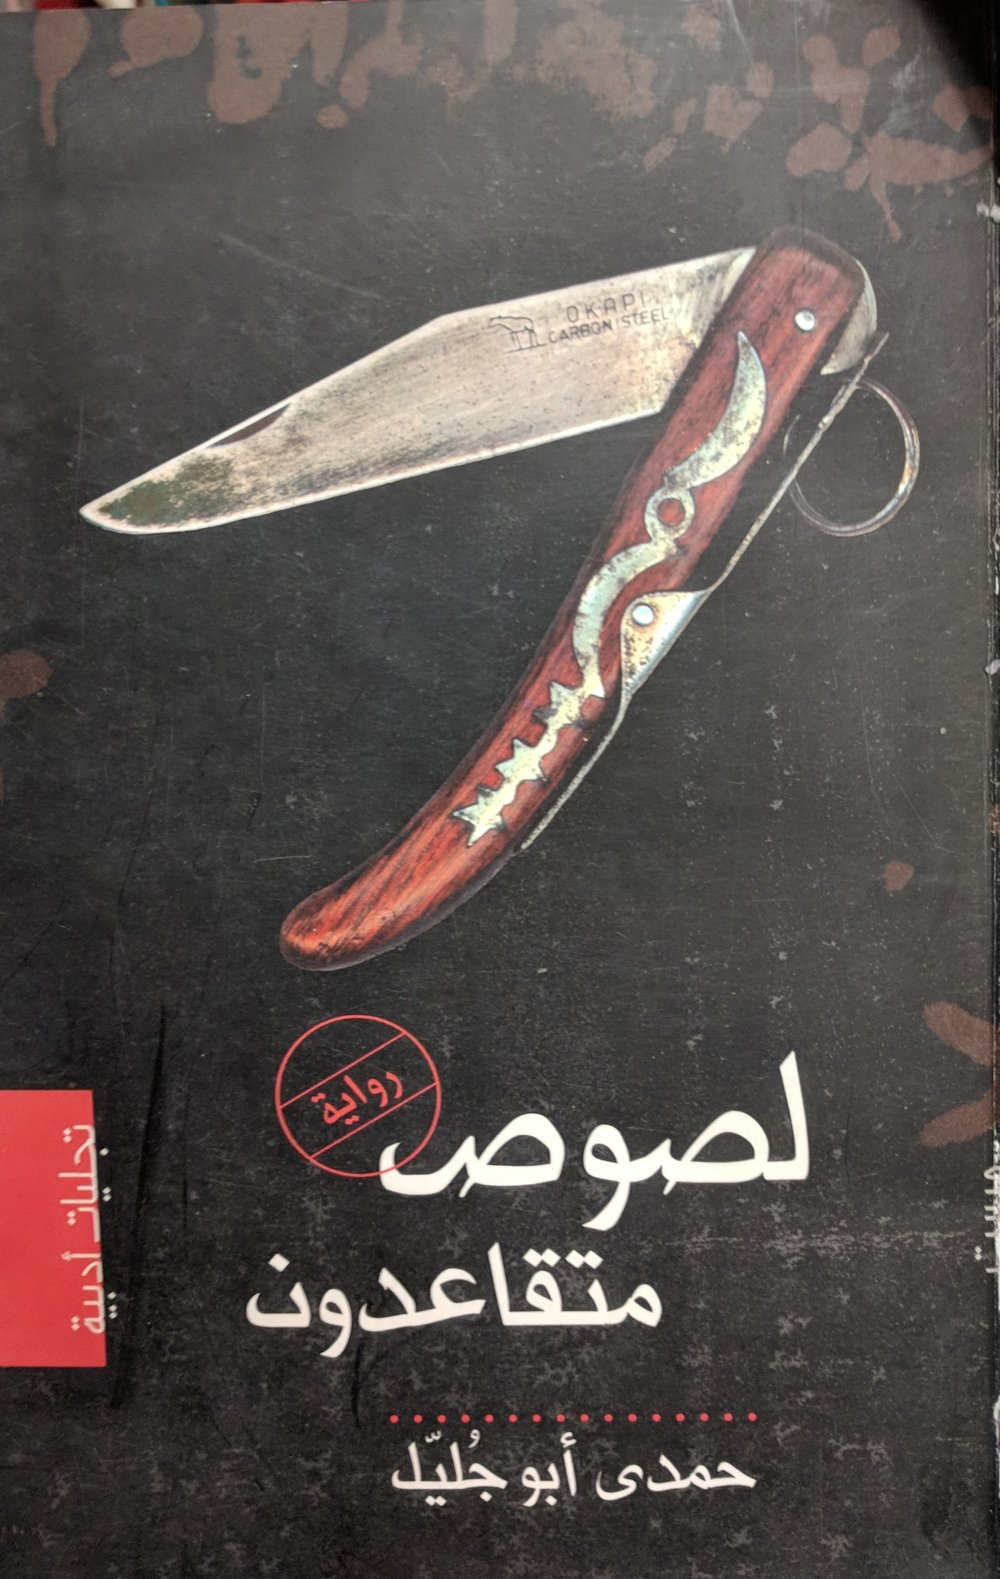 Ḥamdī Abū Julayyil, Luṣūṣ mutaqāʻidūn : riwāyah ( al-Qāhirah : Mīrīt li-l-Nashr wa-l-Maʻlūmāt, 2002)